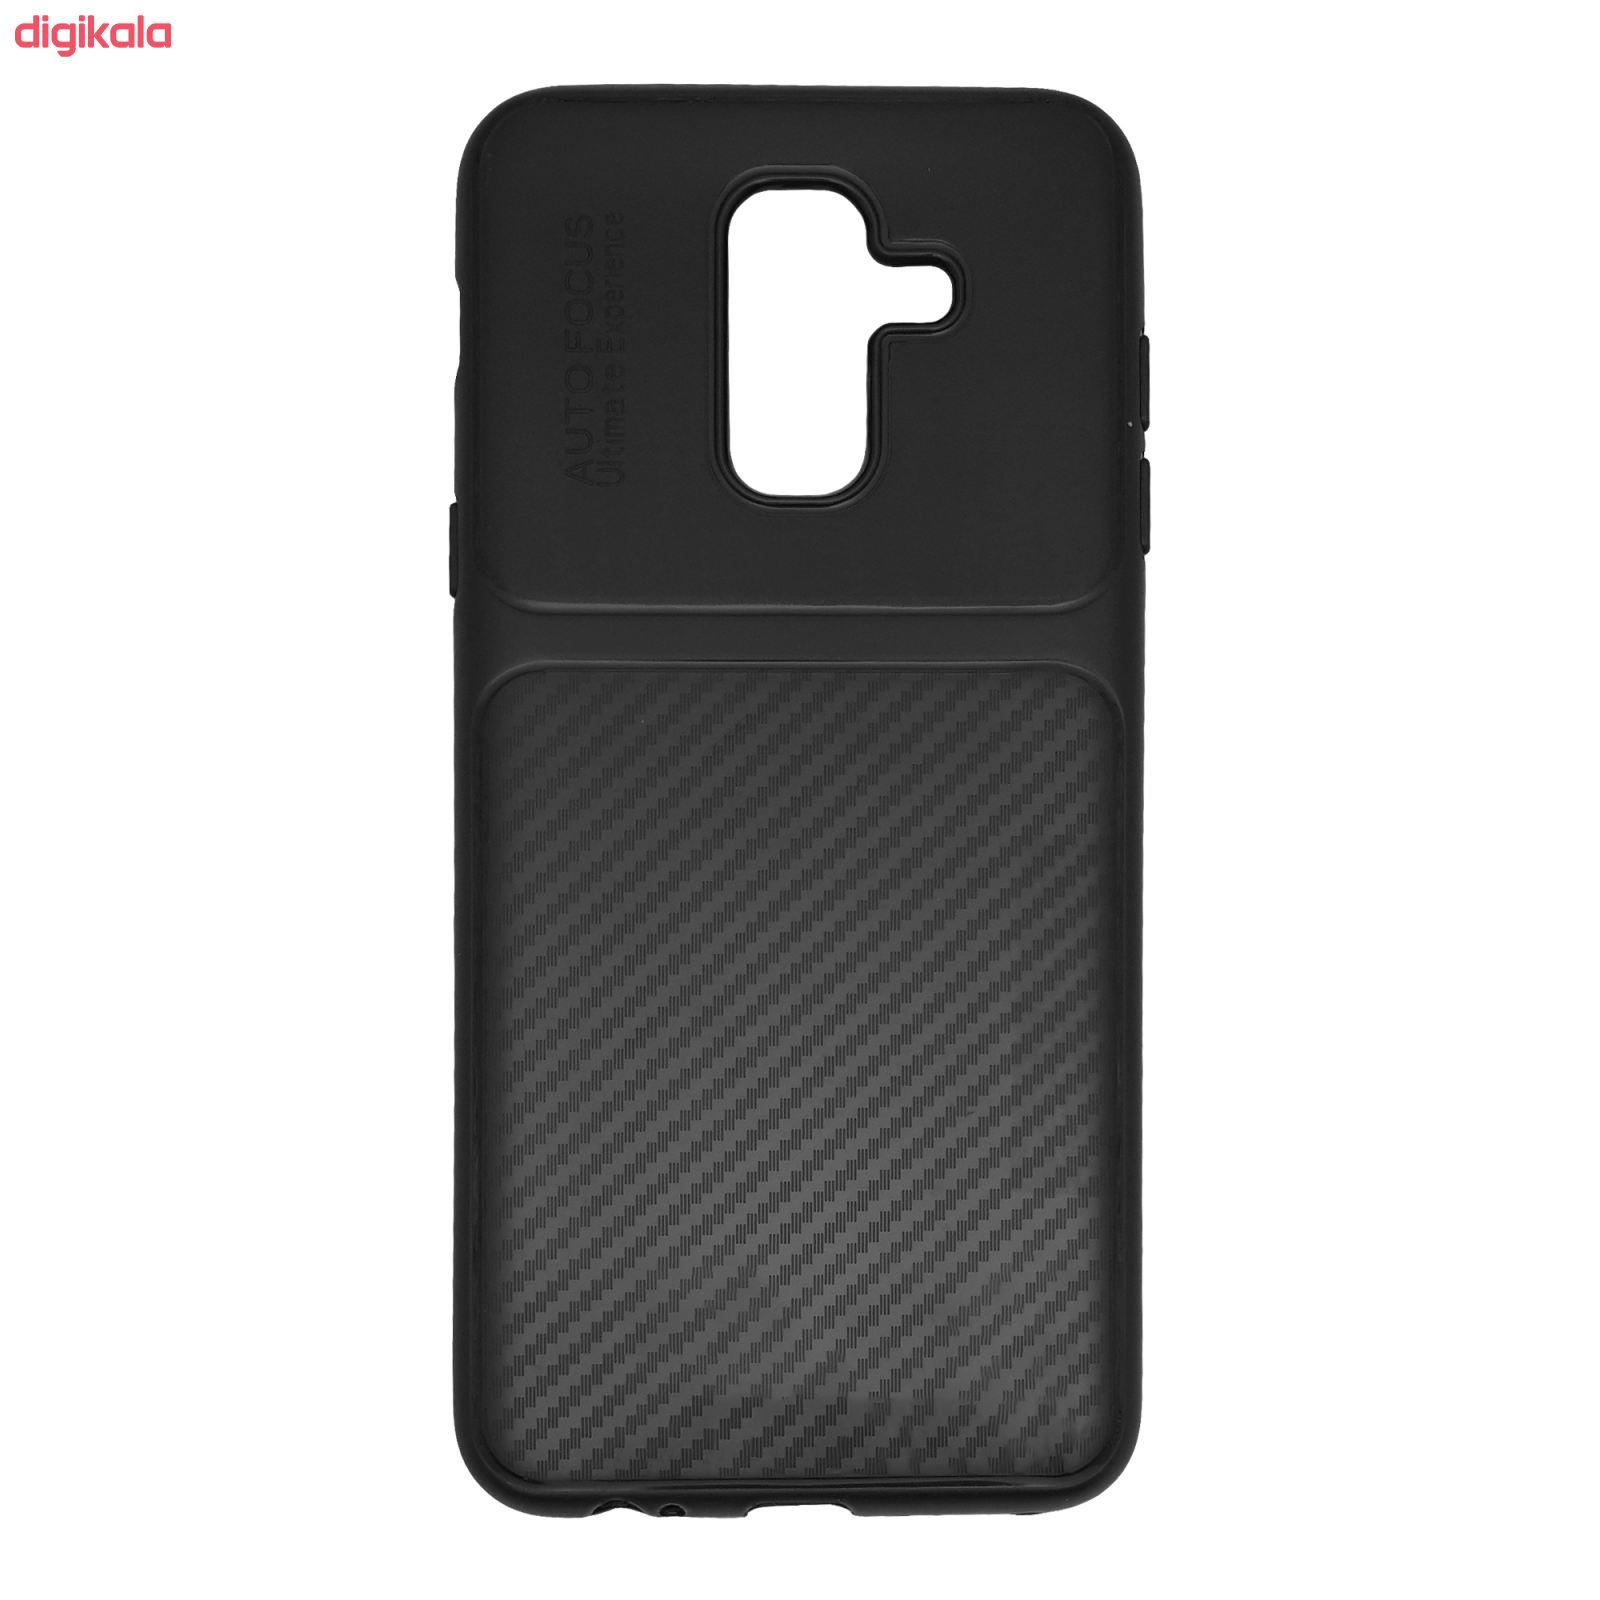 کاور کد atuo-5405 مناسب برای گوشی موبایل سامسونگ Galaxy A6 Plus 2018 / J8 2018 main 1 3